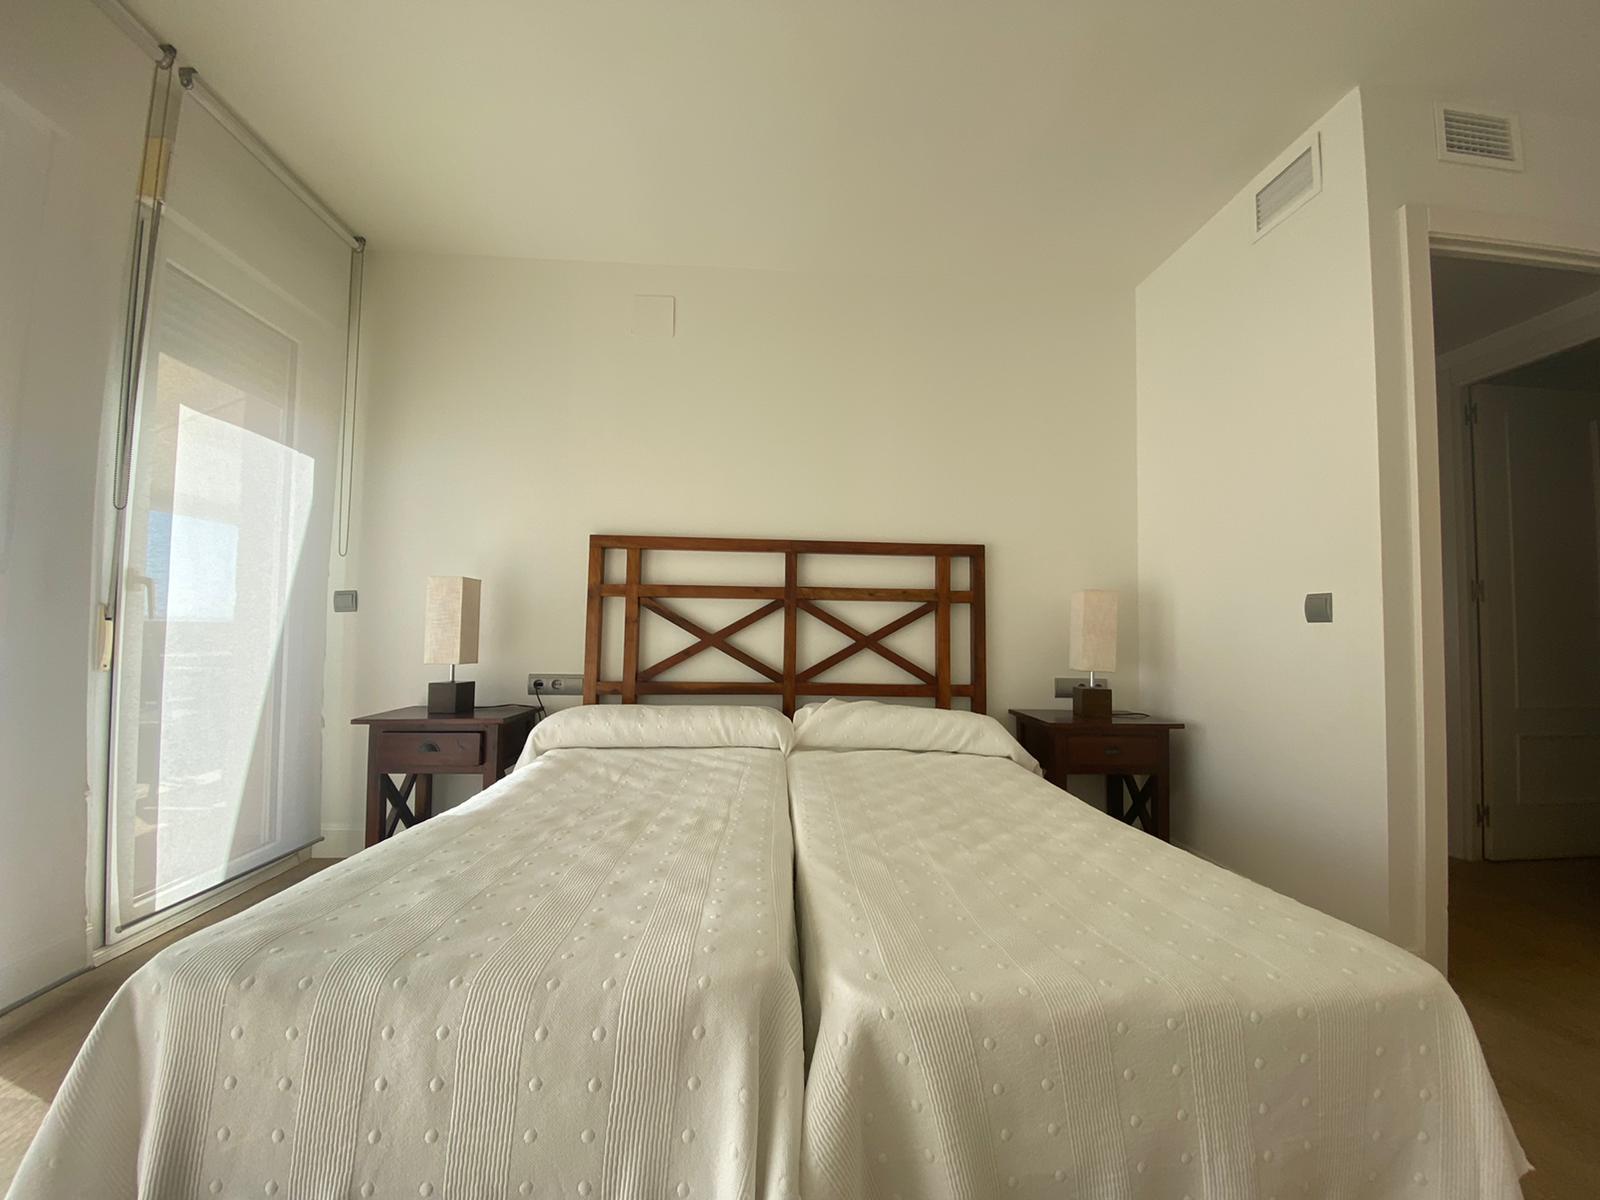 Imagen 24 del Apartamento Turístico, Ático 1 Central (3d+2b), Punta del Moral (HUELVA), Paseo de la Cruz nº22